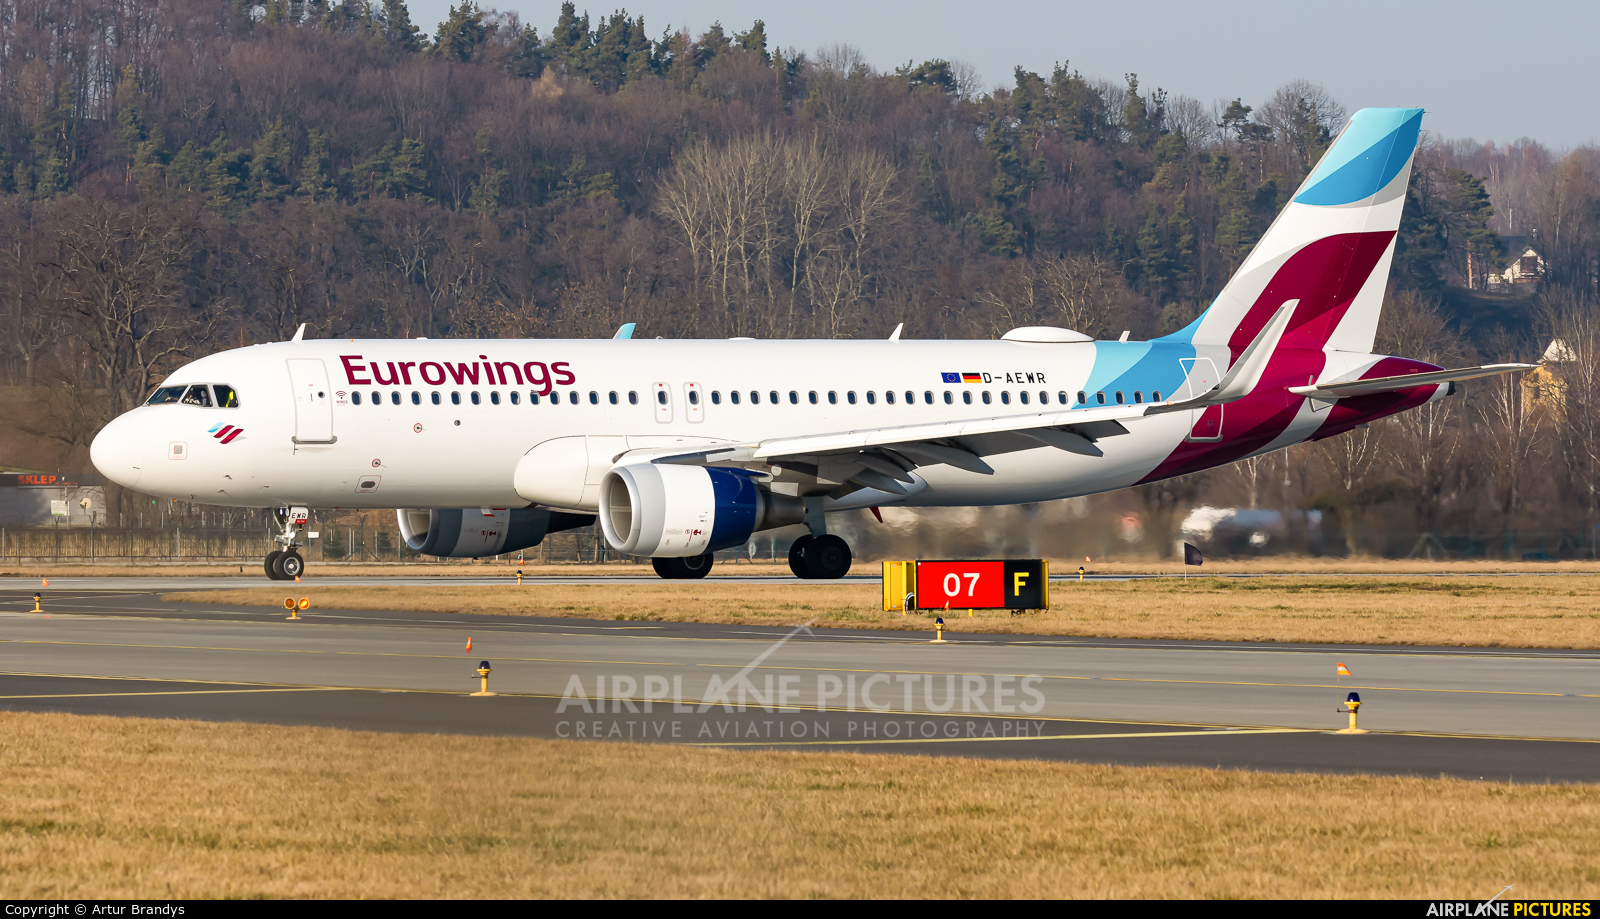 Eurowings D-AEWR aircraft at Kraków - John Paul II Intl